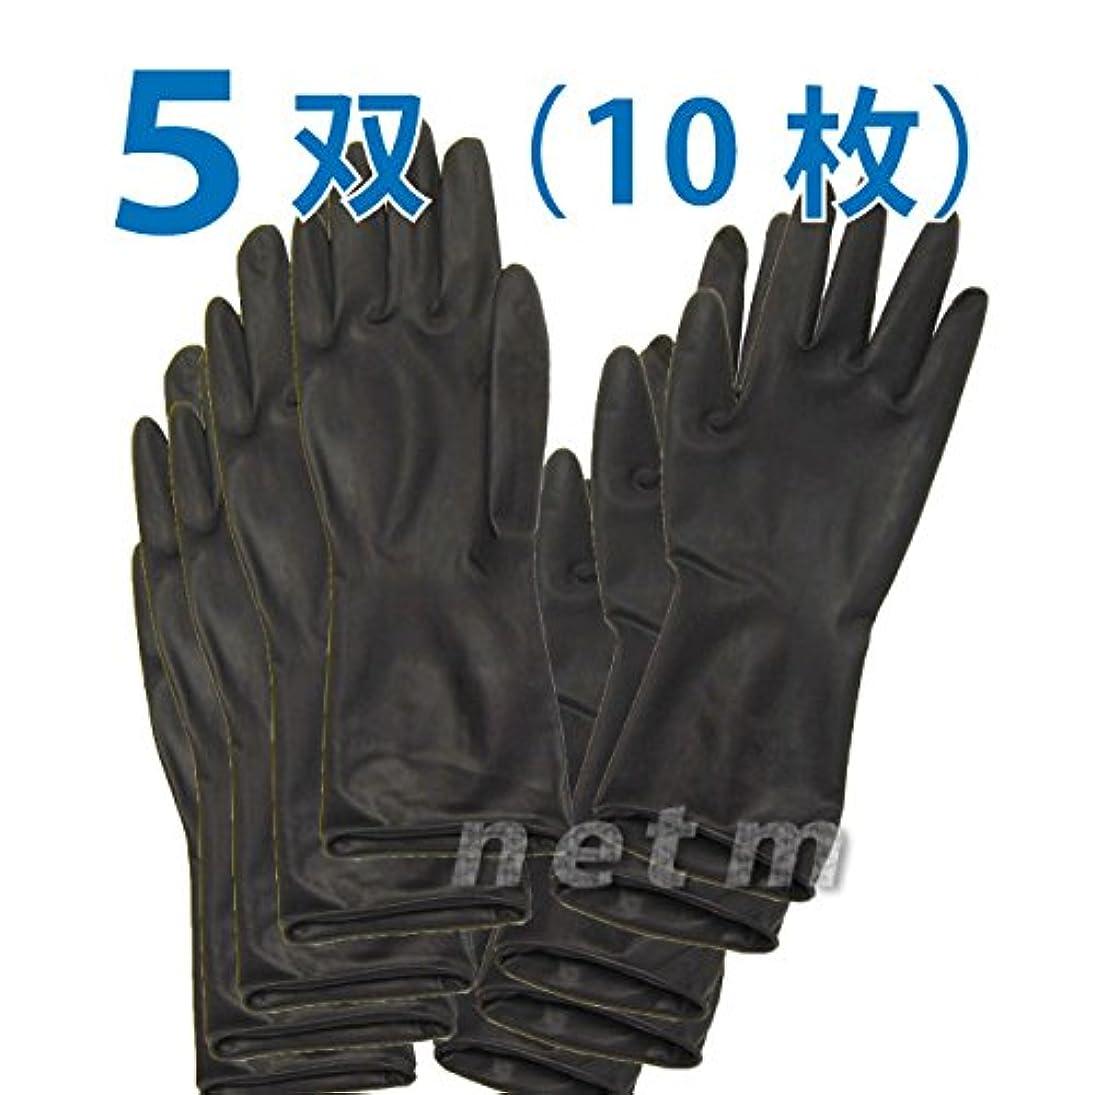 オカモト ブラックグローブ ロングタイプ SSサイズ  5双(10枚)